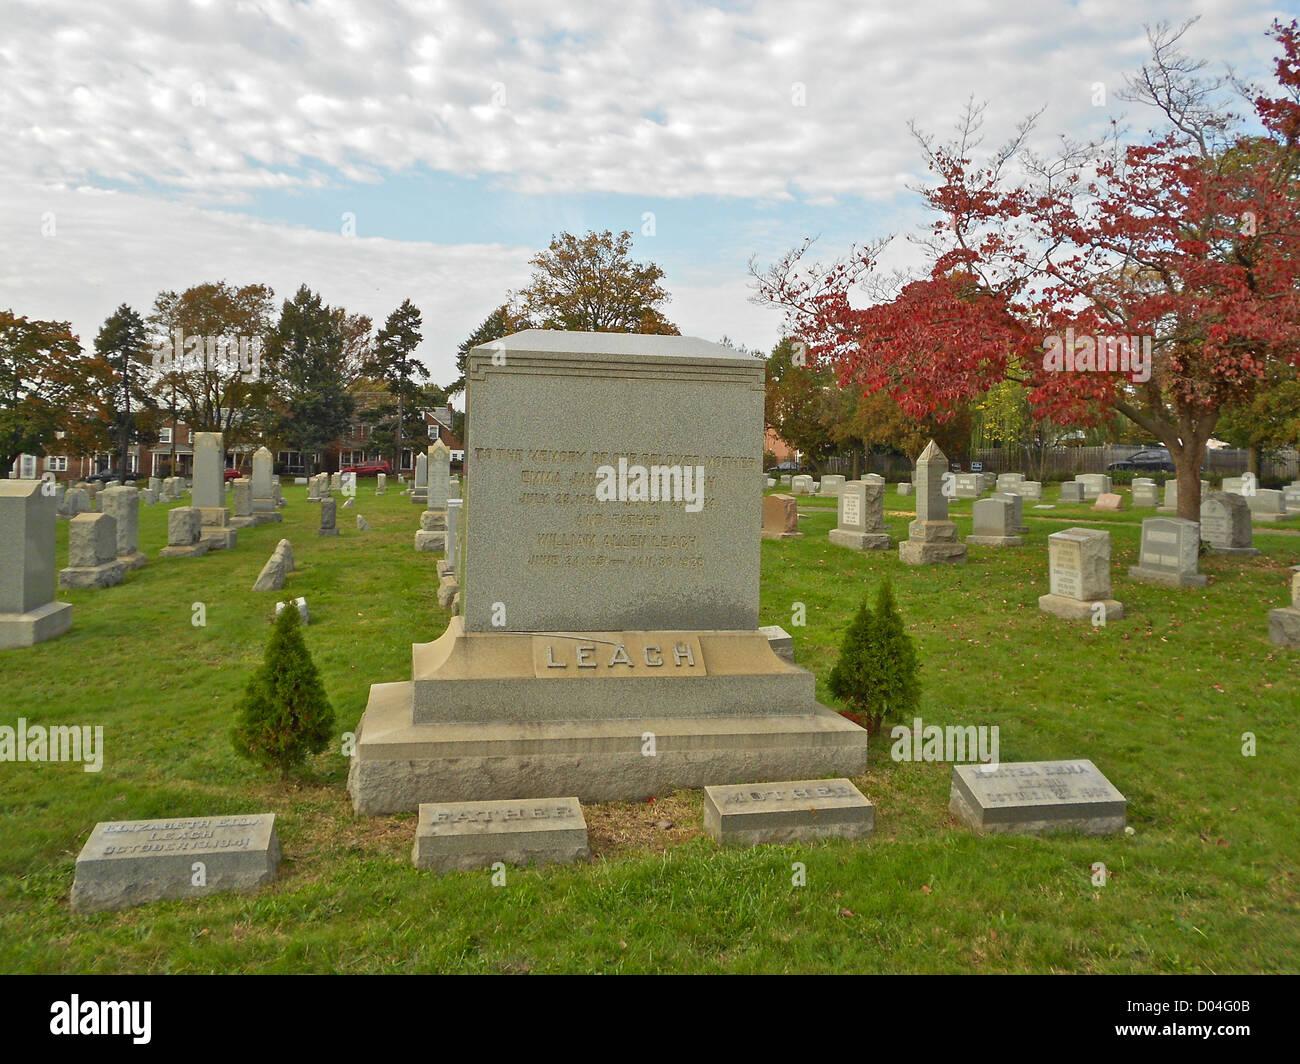 Cemetery Company Stock Photos & Cemetery Company Stock ...